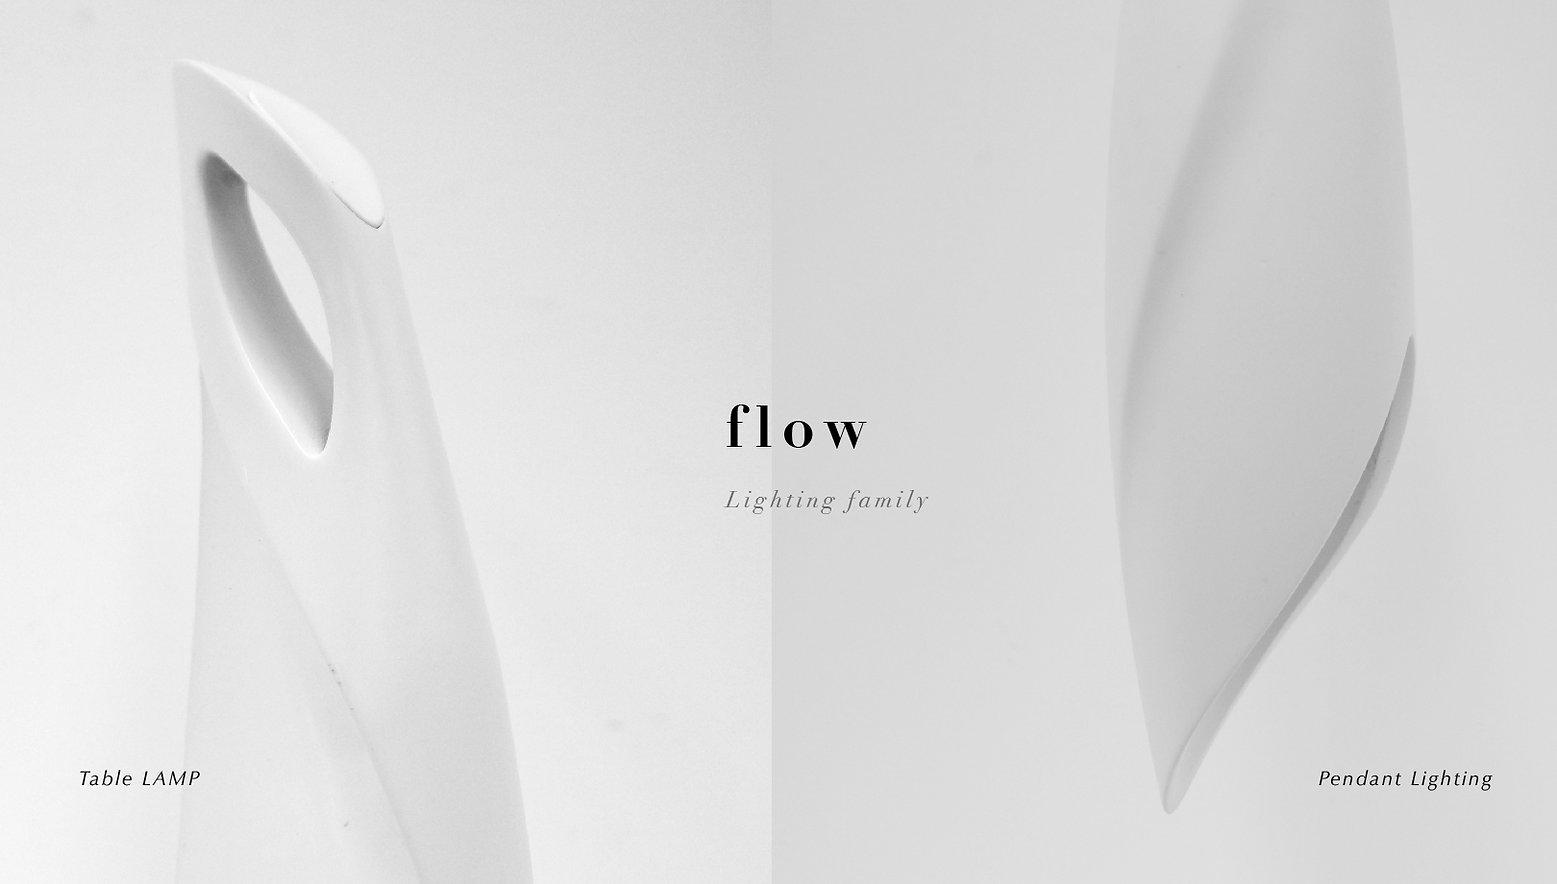 flow_pdf-04.jpg